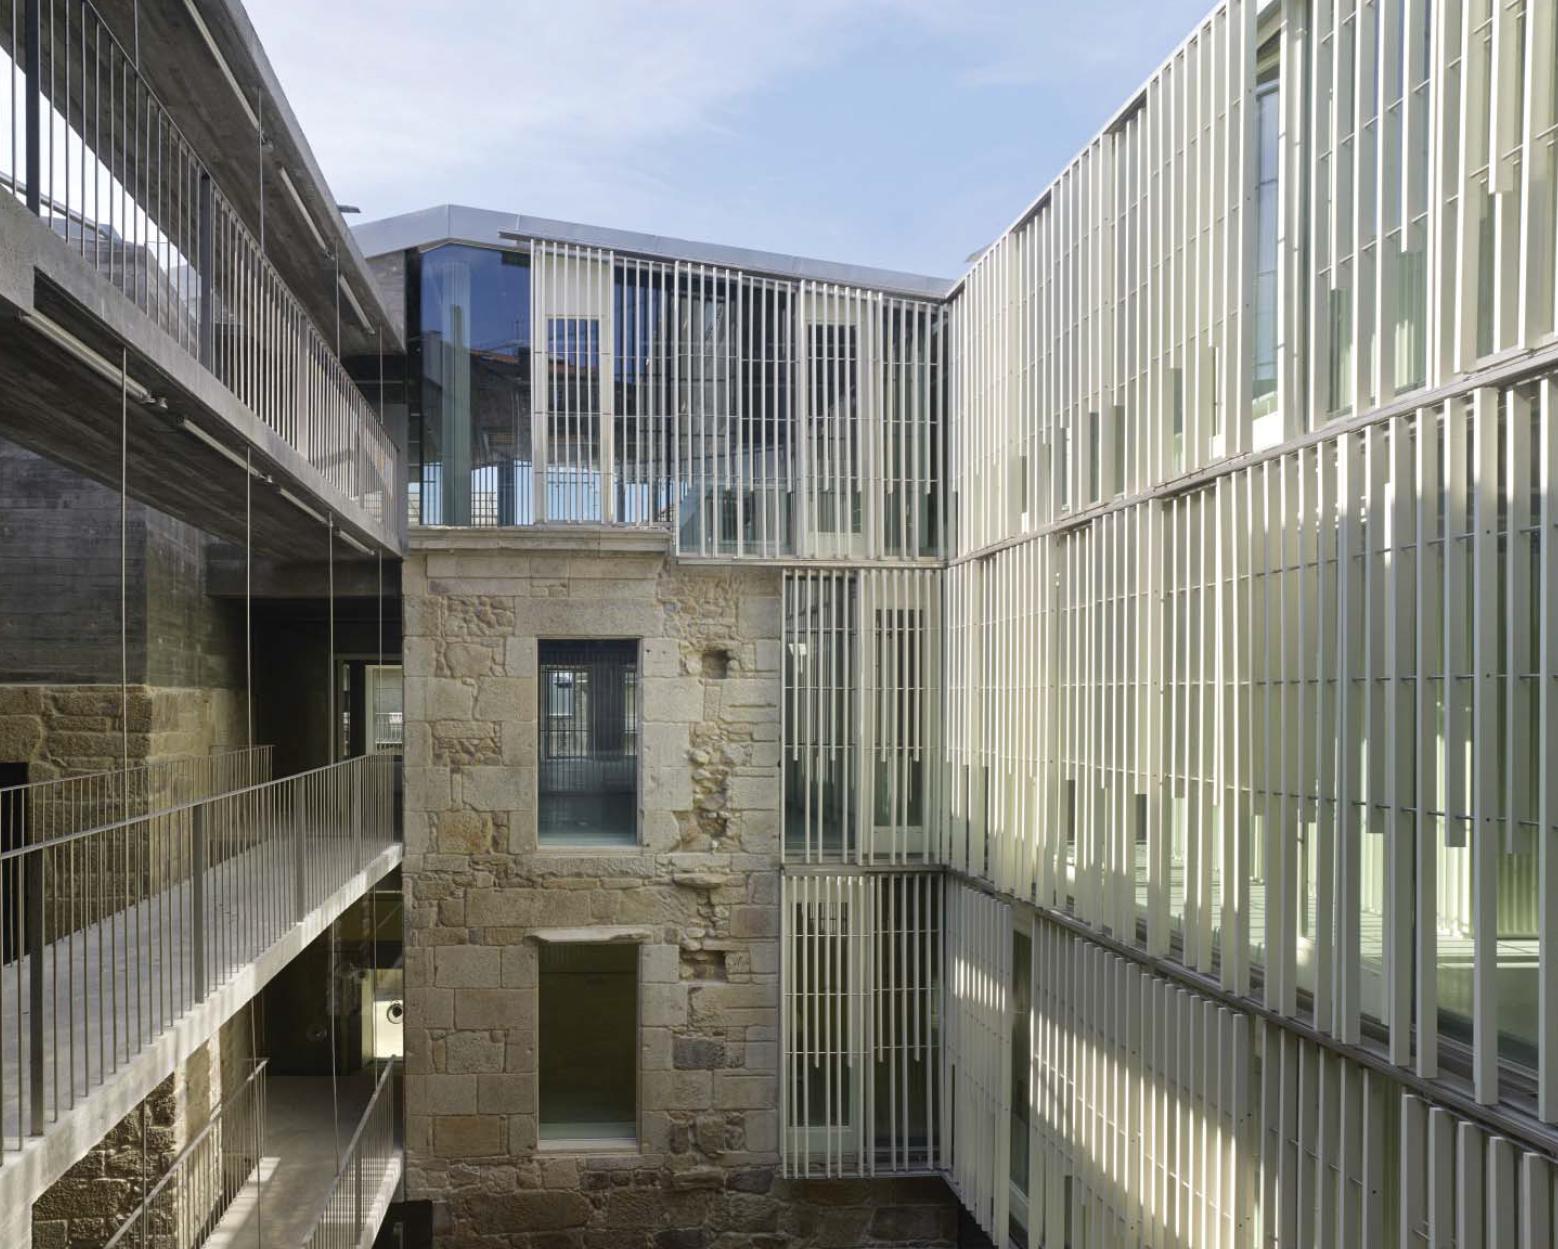 XIII-BEAU - España - Premiado - Rehabilitación de cuatro edificios para Sede de los Registros de la Propiedad en Vigo